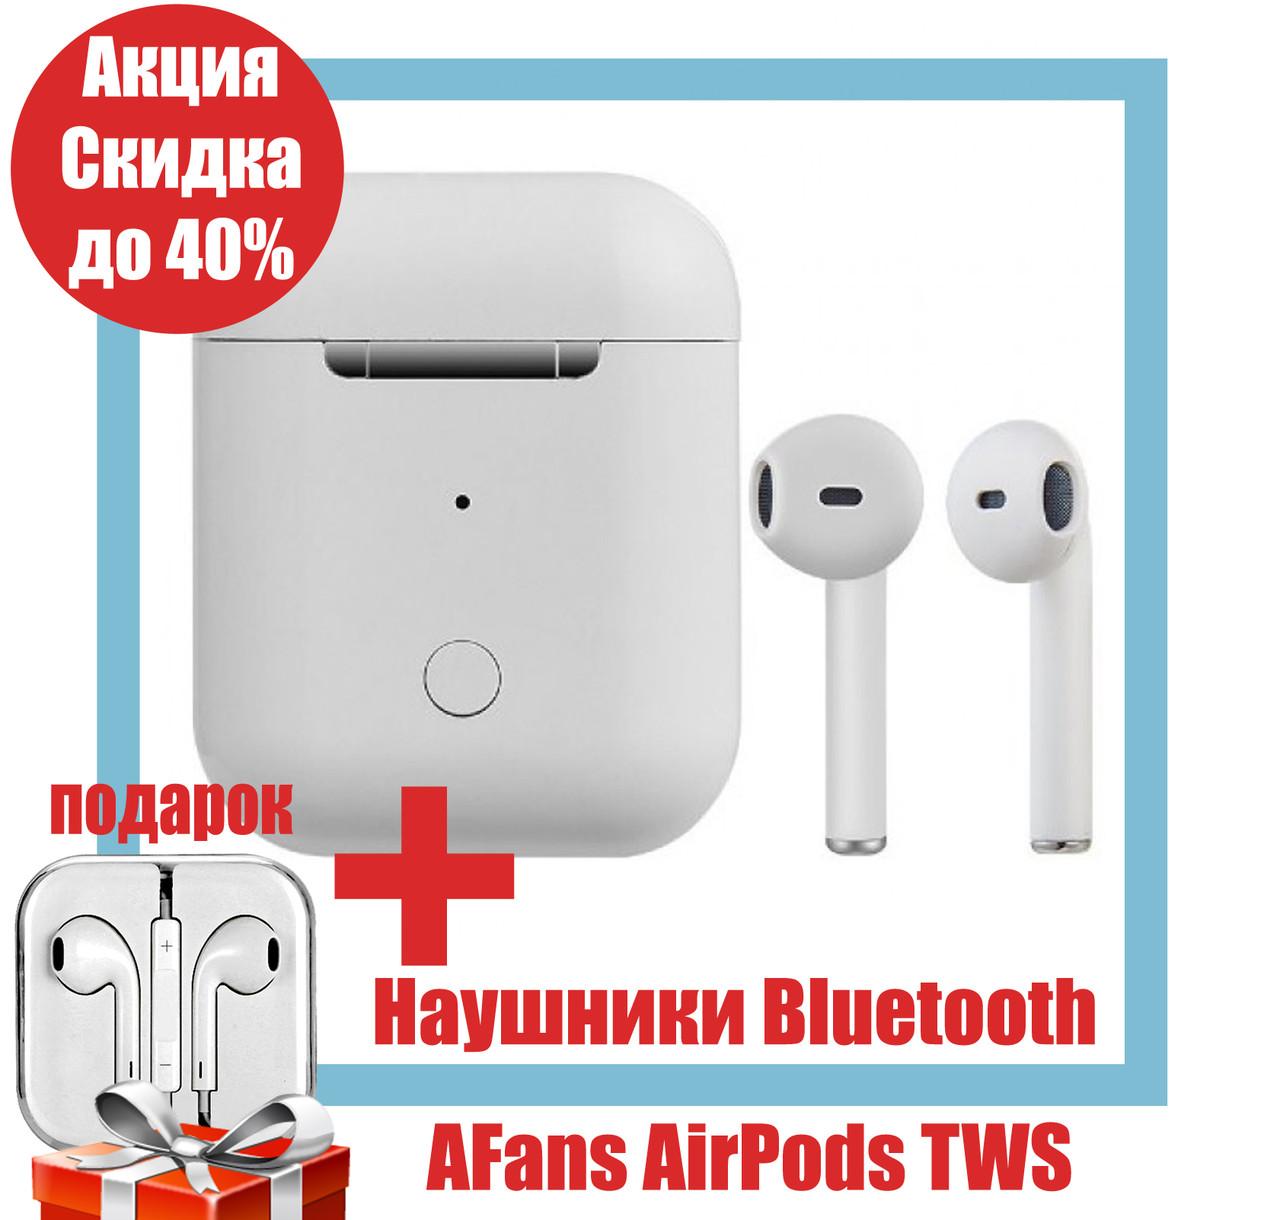 Наушники Afans беспроводные Bluetooth гарнитура с кейсом PowerBank 1000mah QualitiReplica